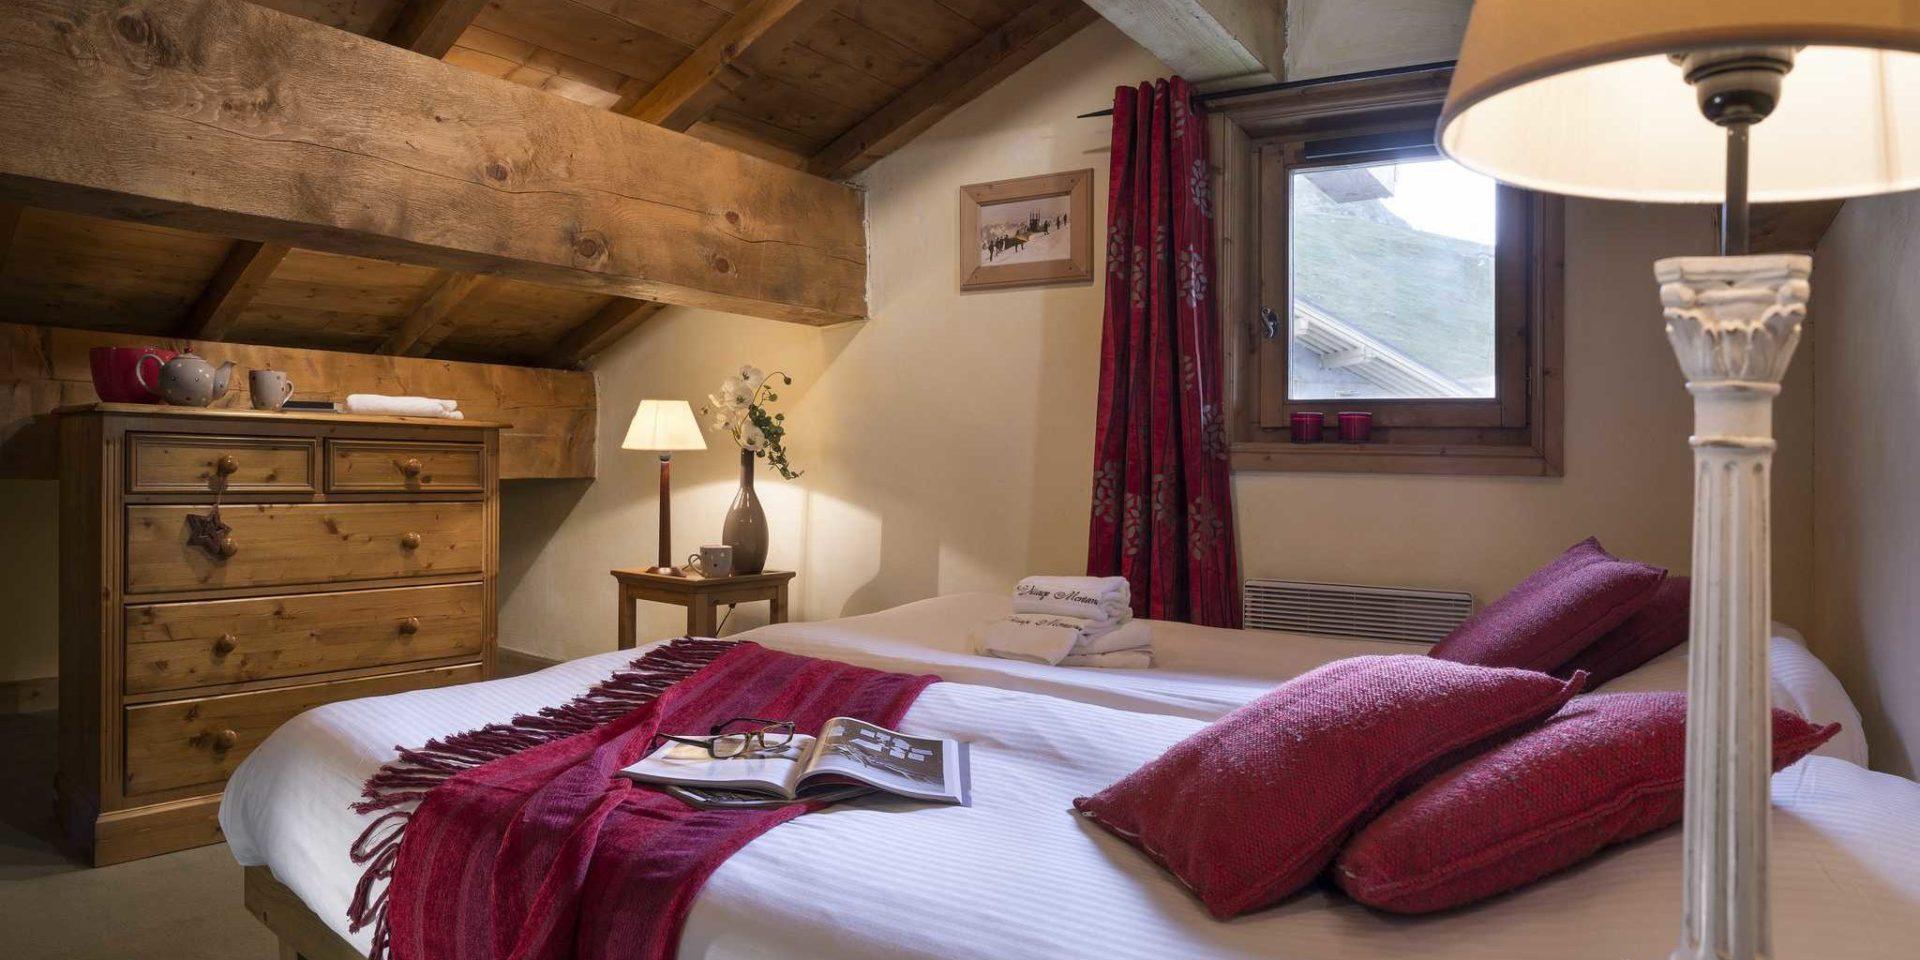 Residences Village Montana Tignes Tignes-Val d'Isere Frankrijk wintersport skivakantie luxe slaapkamer aparte bedden kleed rode kussens kast nachtlampje theepot schilderij raam rood gordijn rode kaarsen houten balken bomen